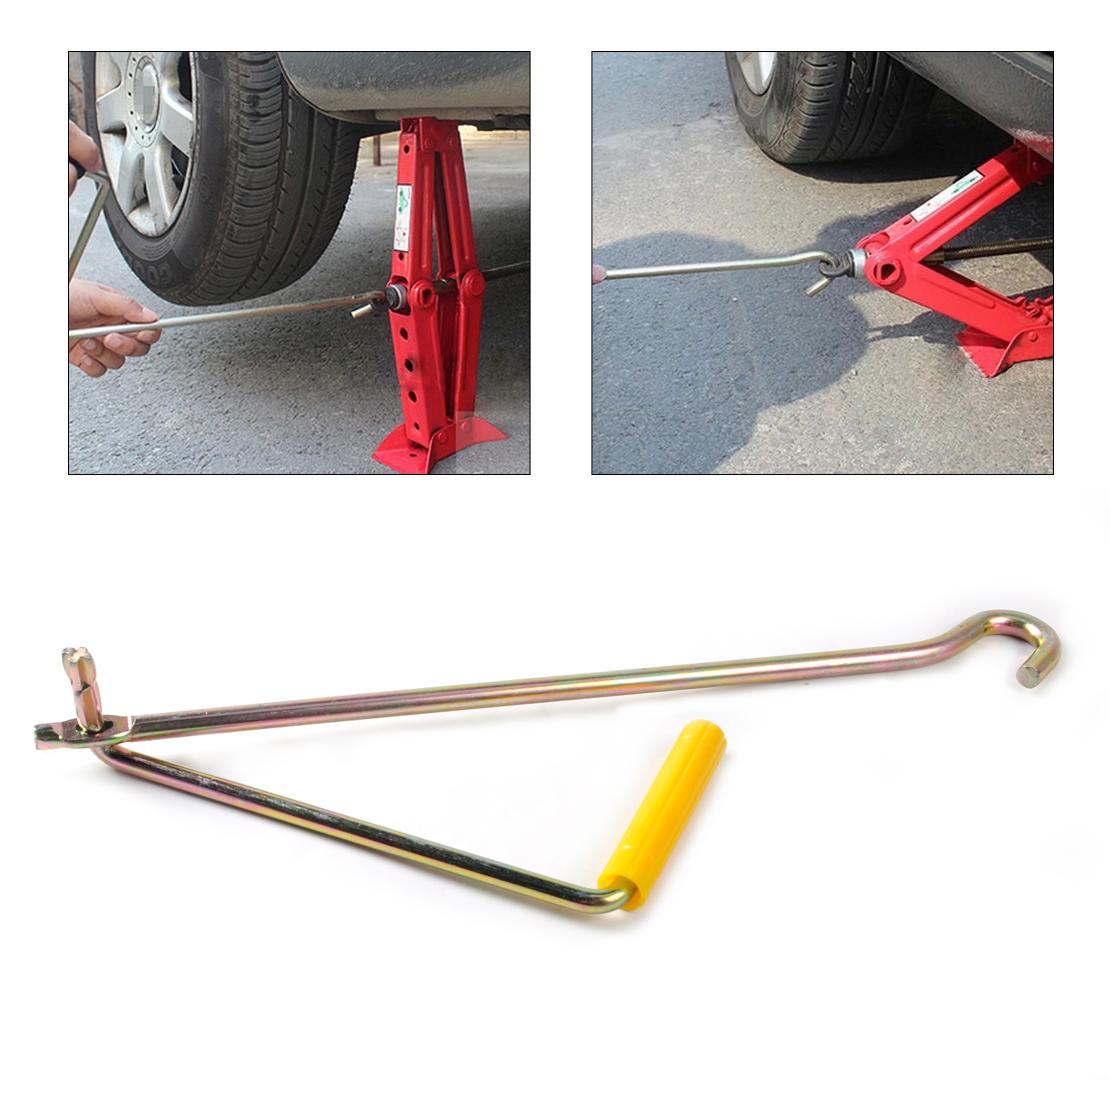 2019 Beler Car Van Garage Tire Wheel Lug Wrench Scissor Jack Crank